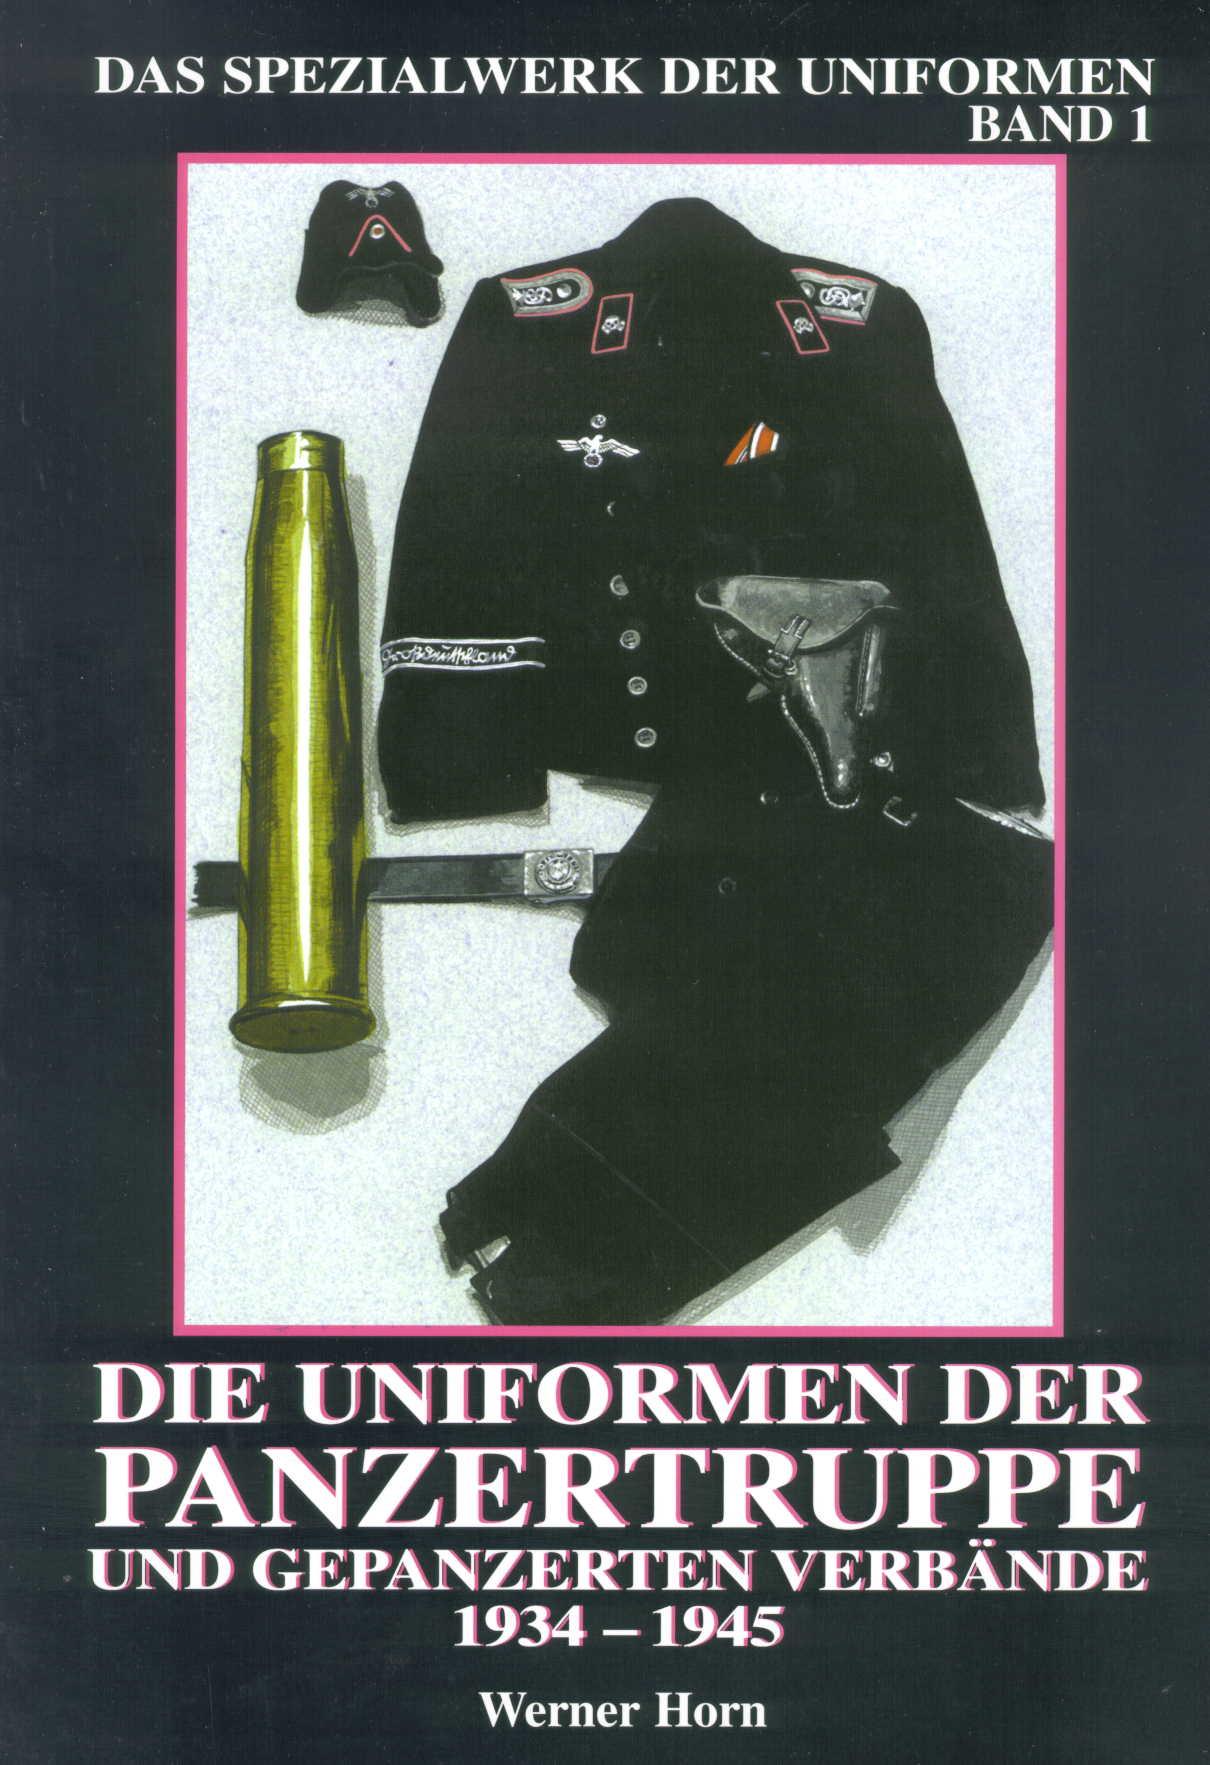 Das Spezialwerk der Uniformen - Band 1: Die Uniformen der Panzer